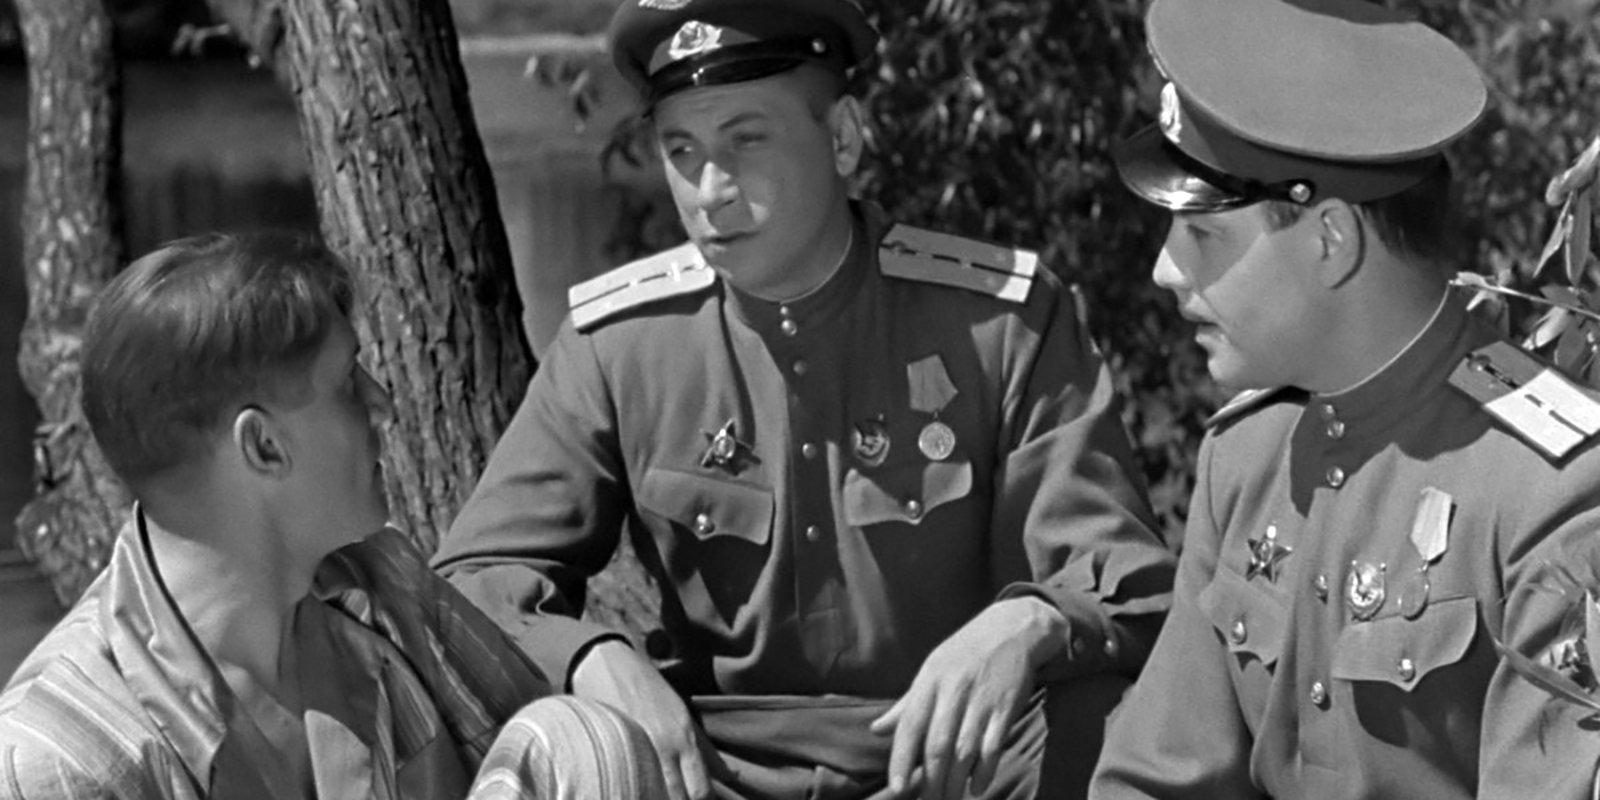 Кадр из фильма «Небесный тихоход». Режиссер Семен Тимошенко. 1945 год